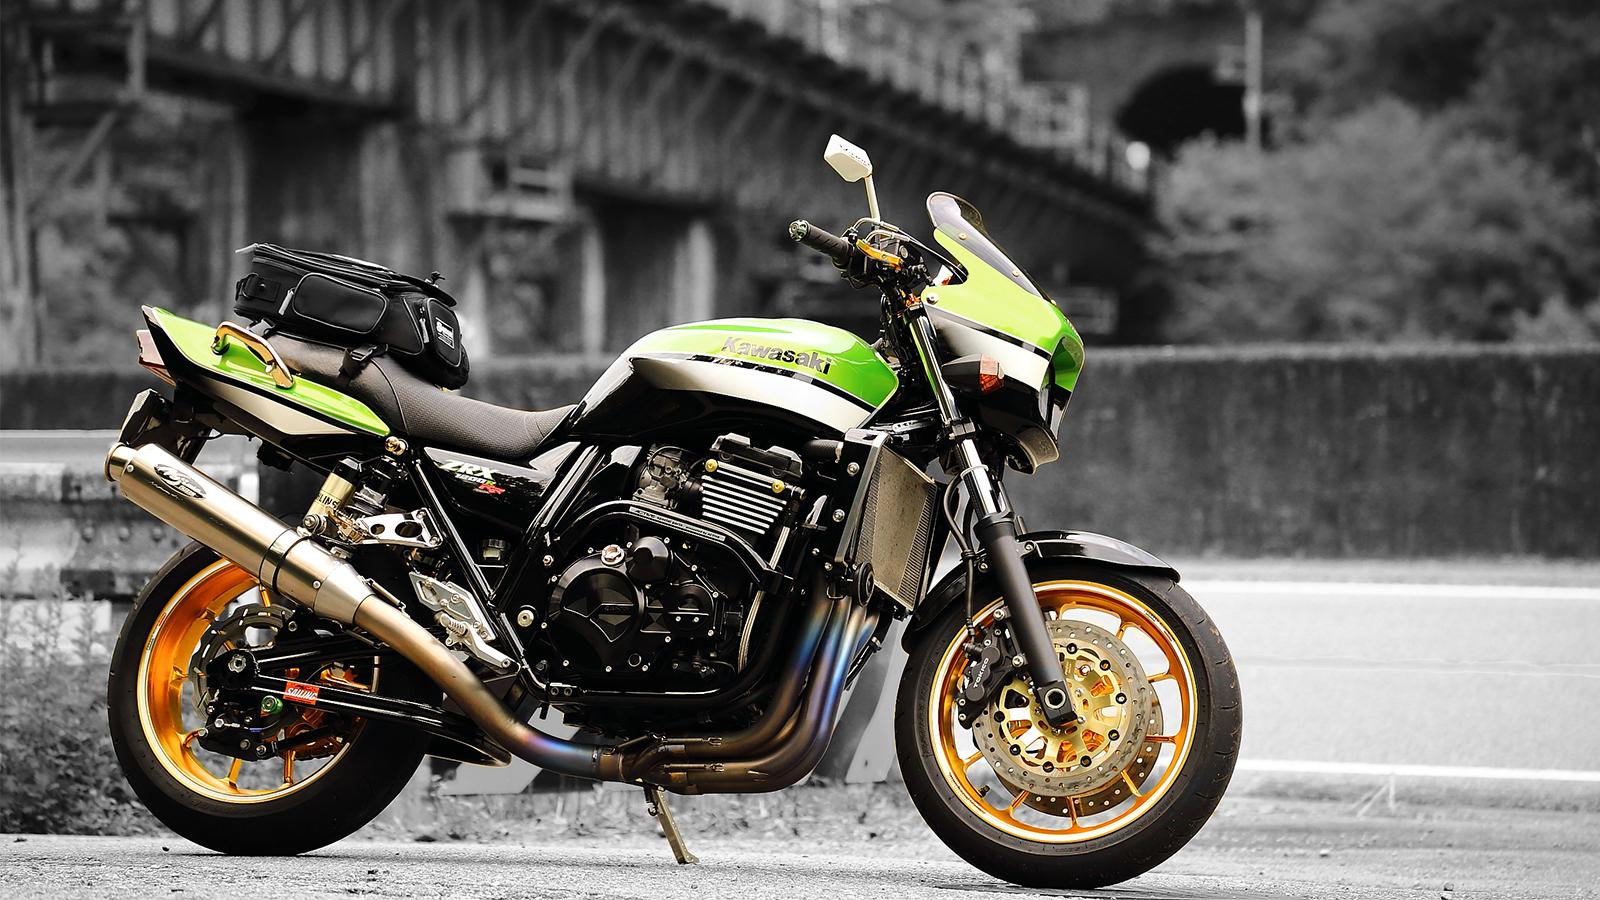 ZRX1200Rフルカスタムバイク